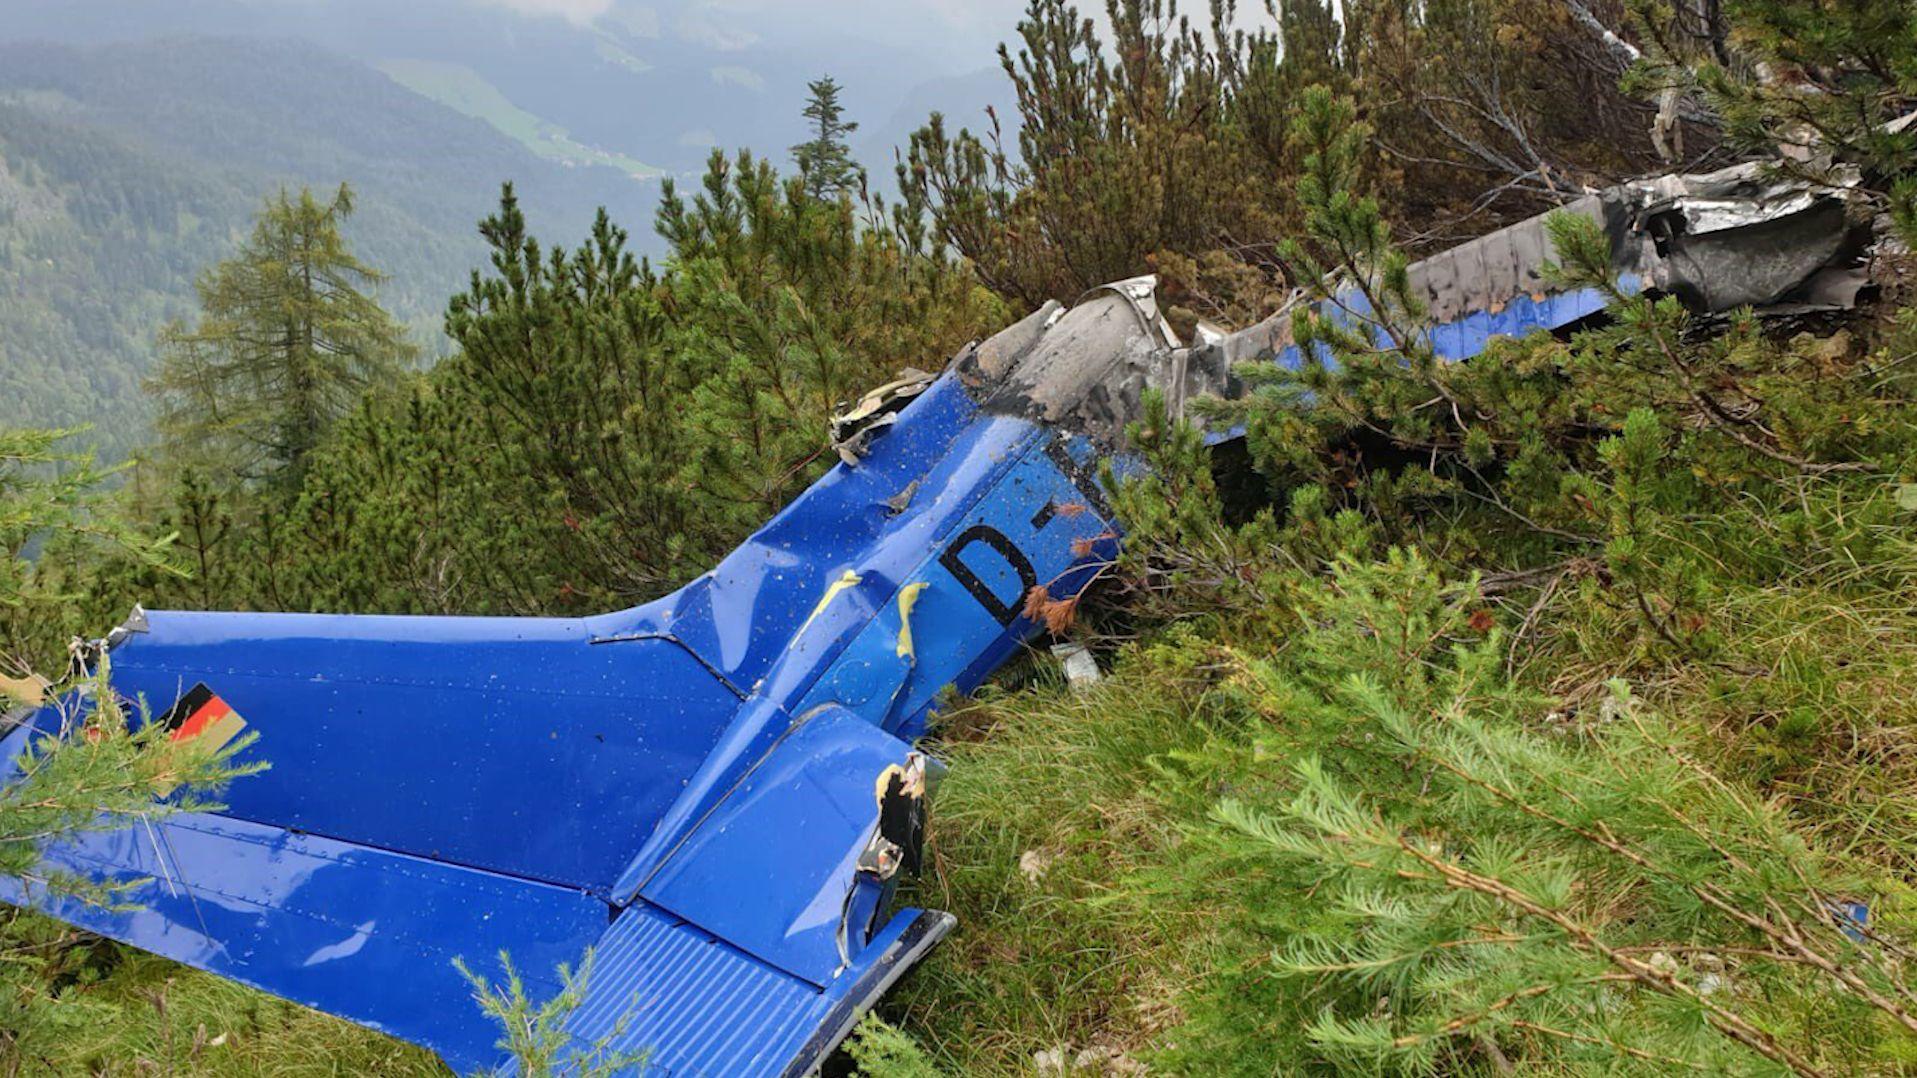 Polizei veröffentlicht erstes Foto des bei Schneizlreuth im Berchtesgadener Land abgestürzten Kleinflugzeugs.